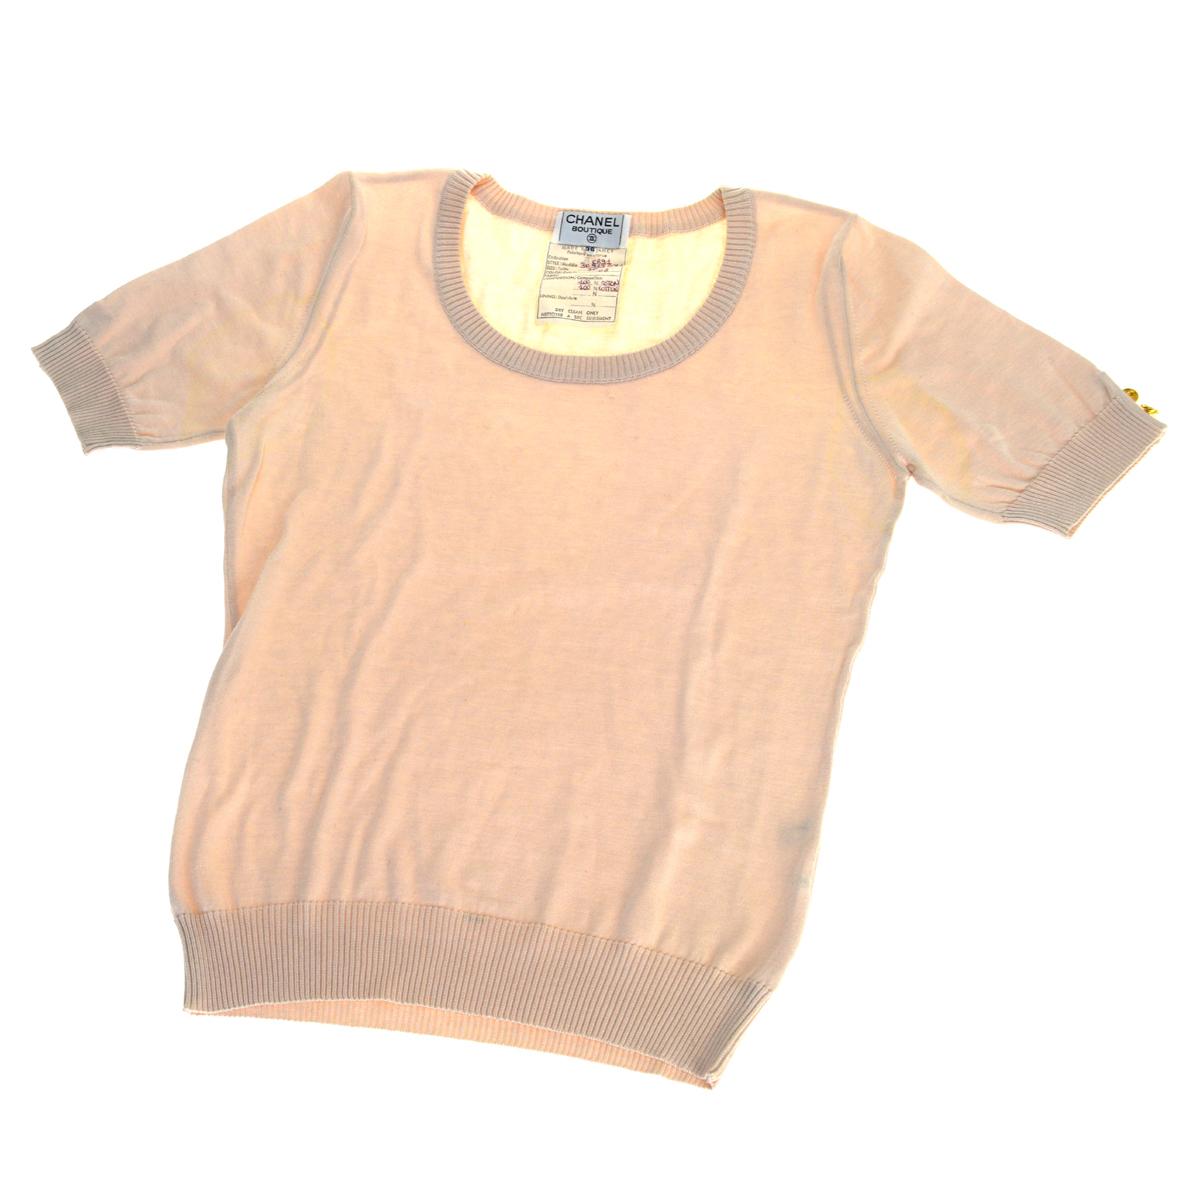 シャネル(Chanel) レディース カットソー 36 (ピンク)